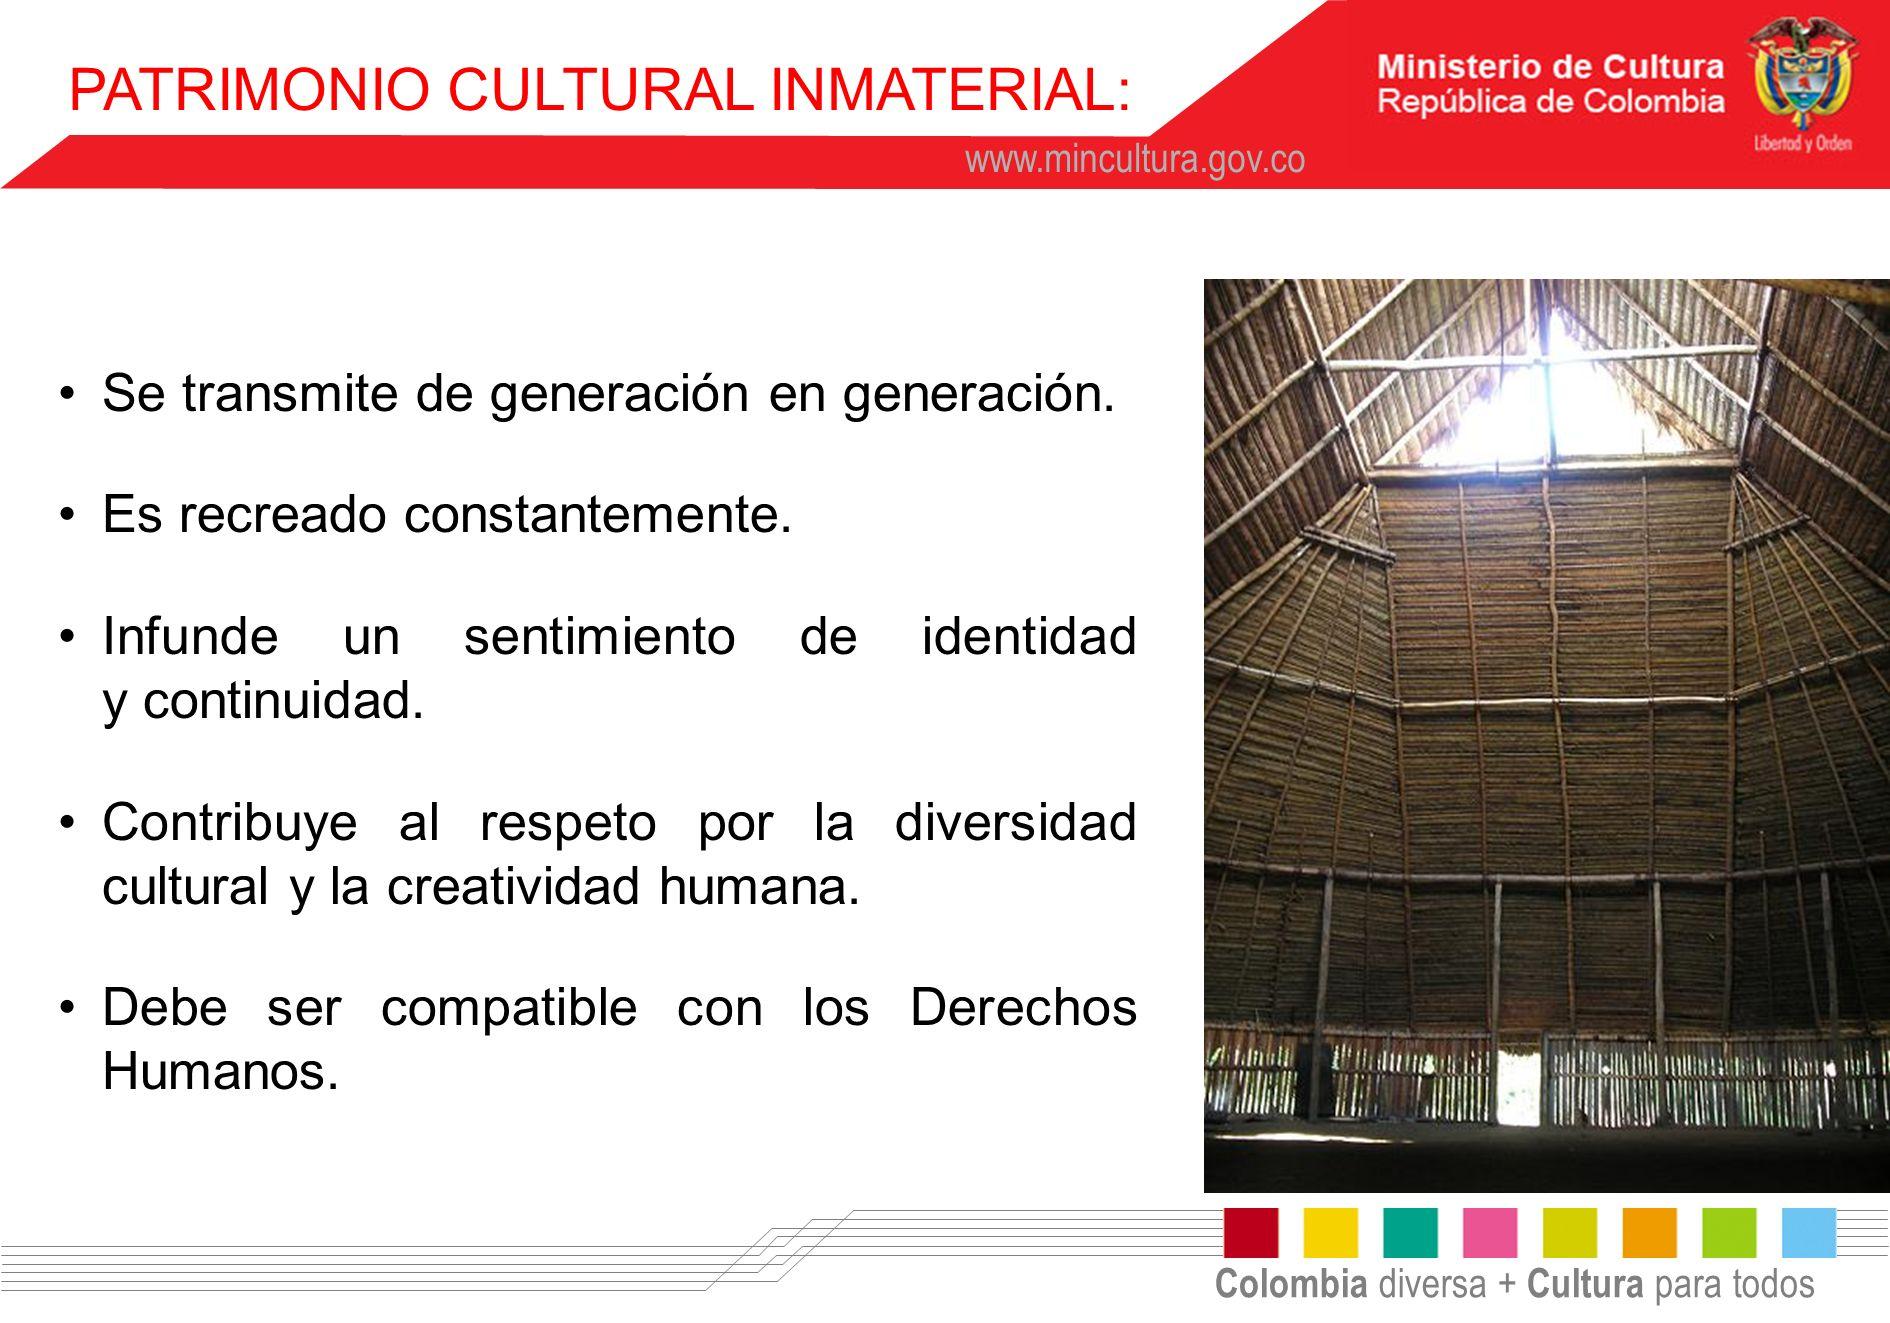 PATRIMONIO CULTURAL INMATERIAL: